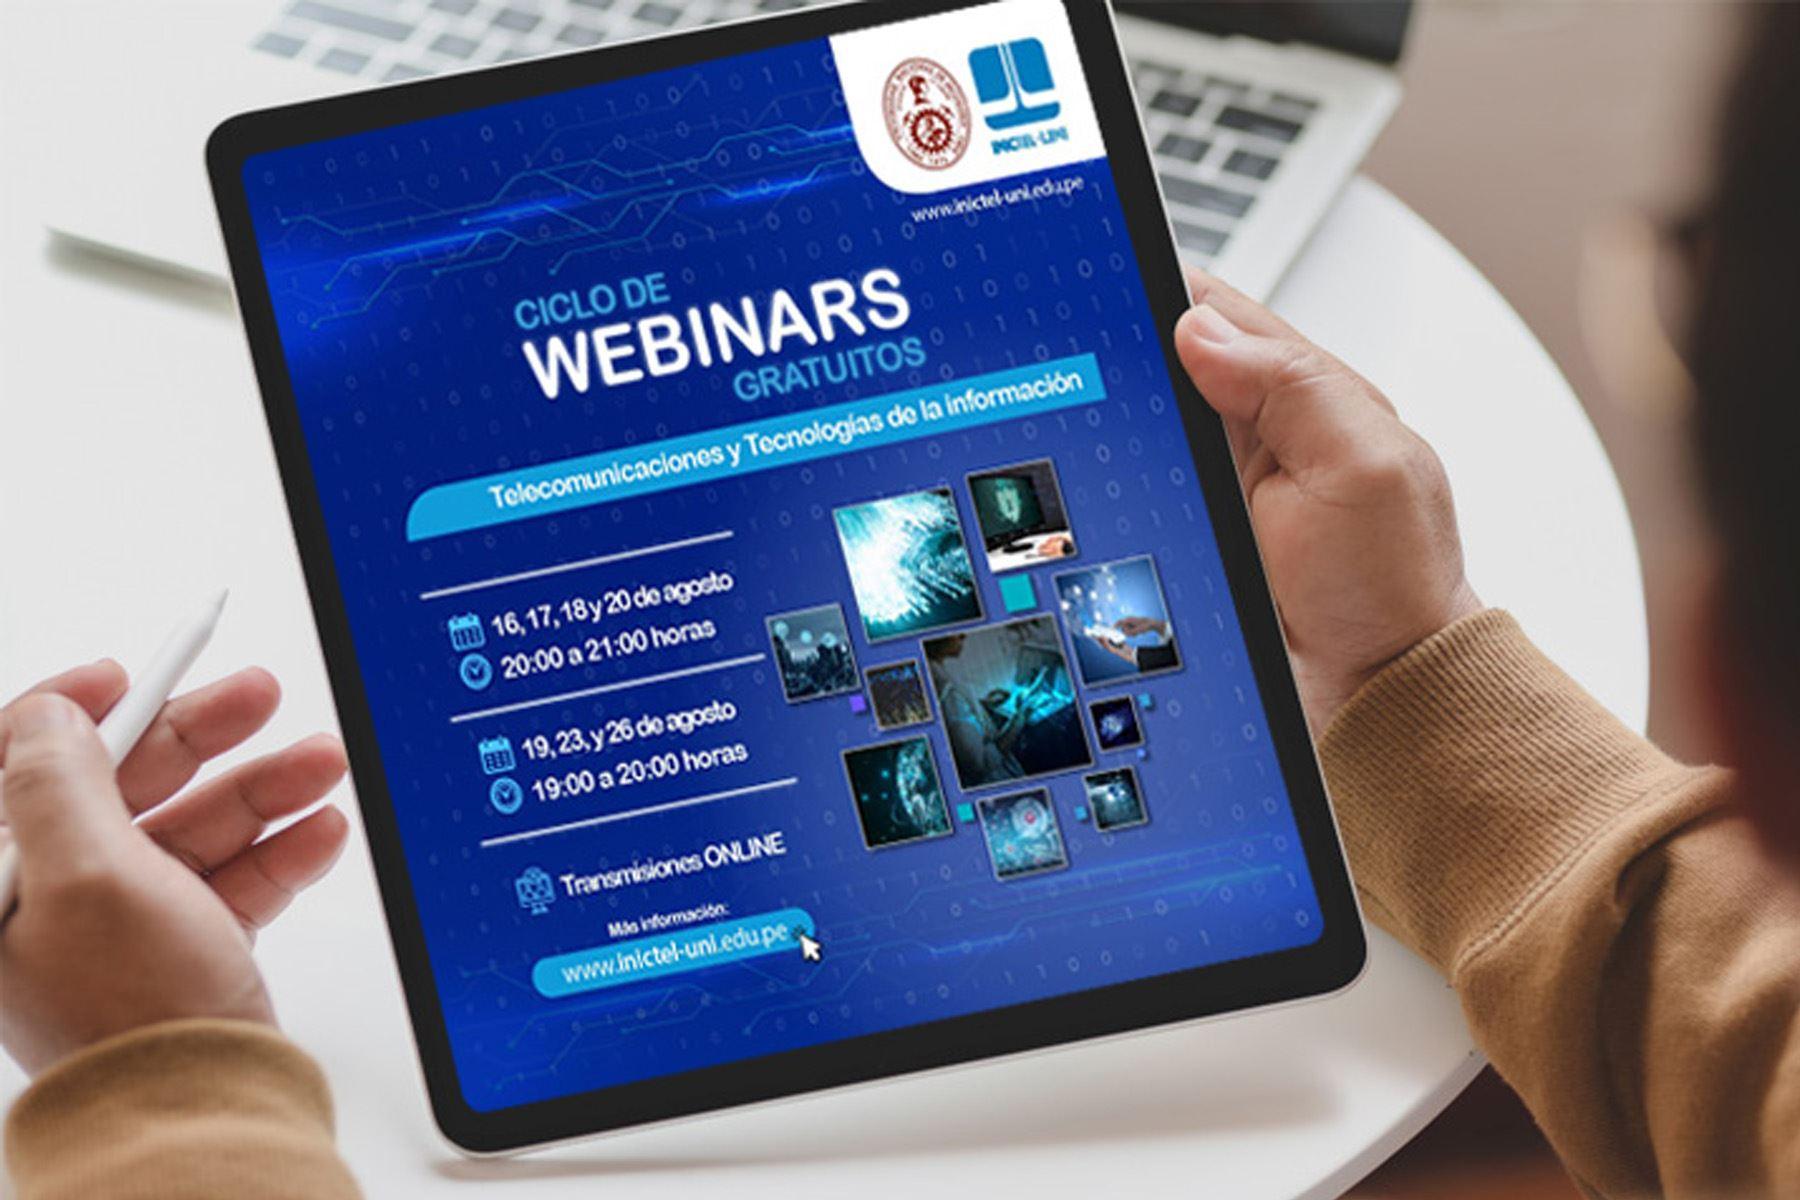 El ciclo de webinars gratuitos se llevará a cabo hasta el 26 de agosto con expertos en tecnologías.